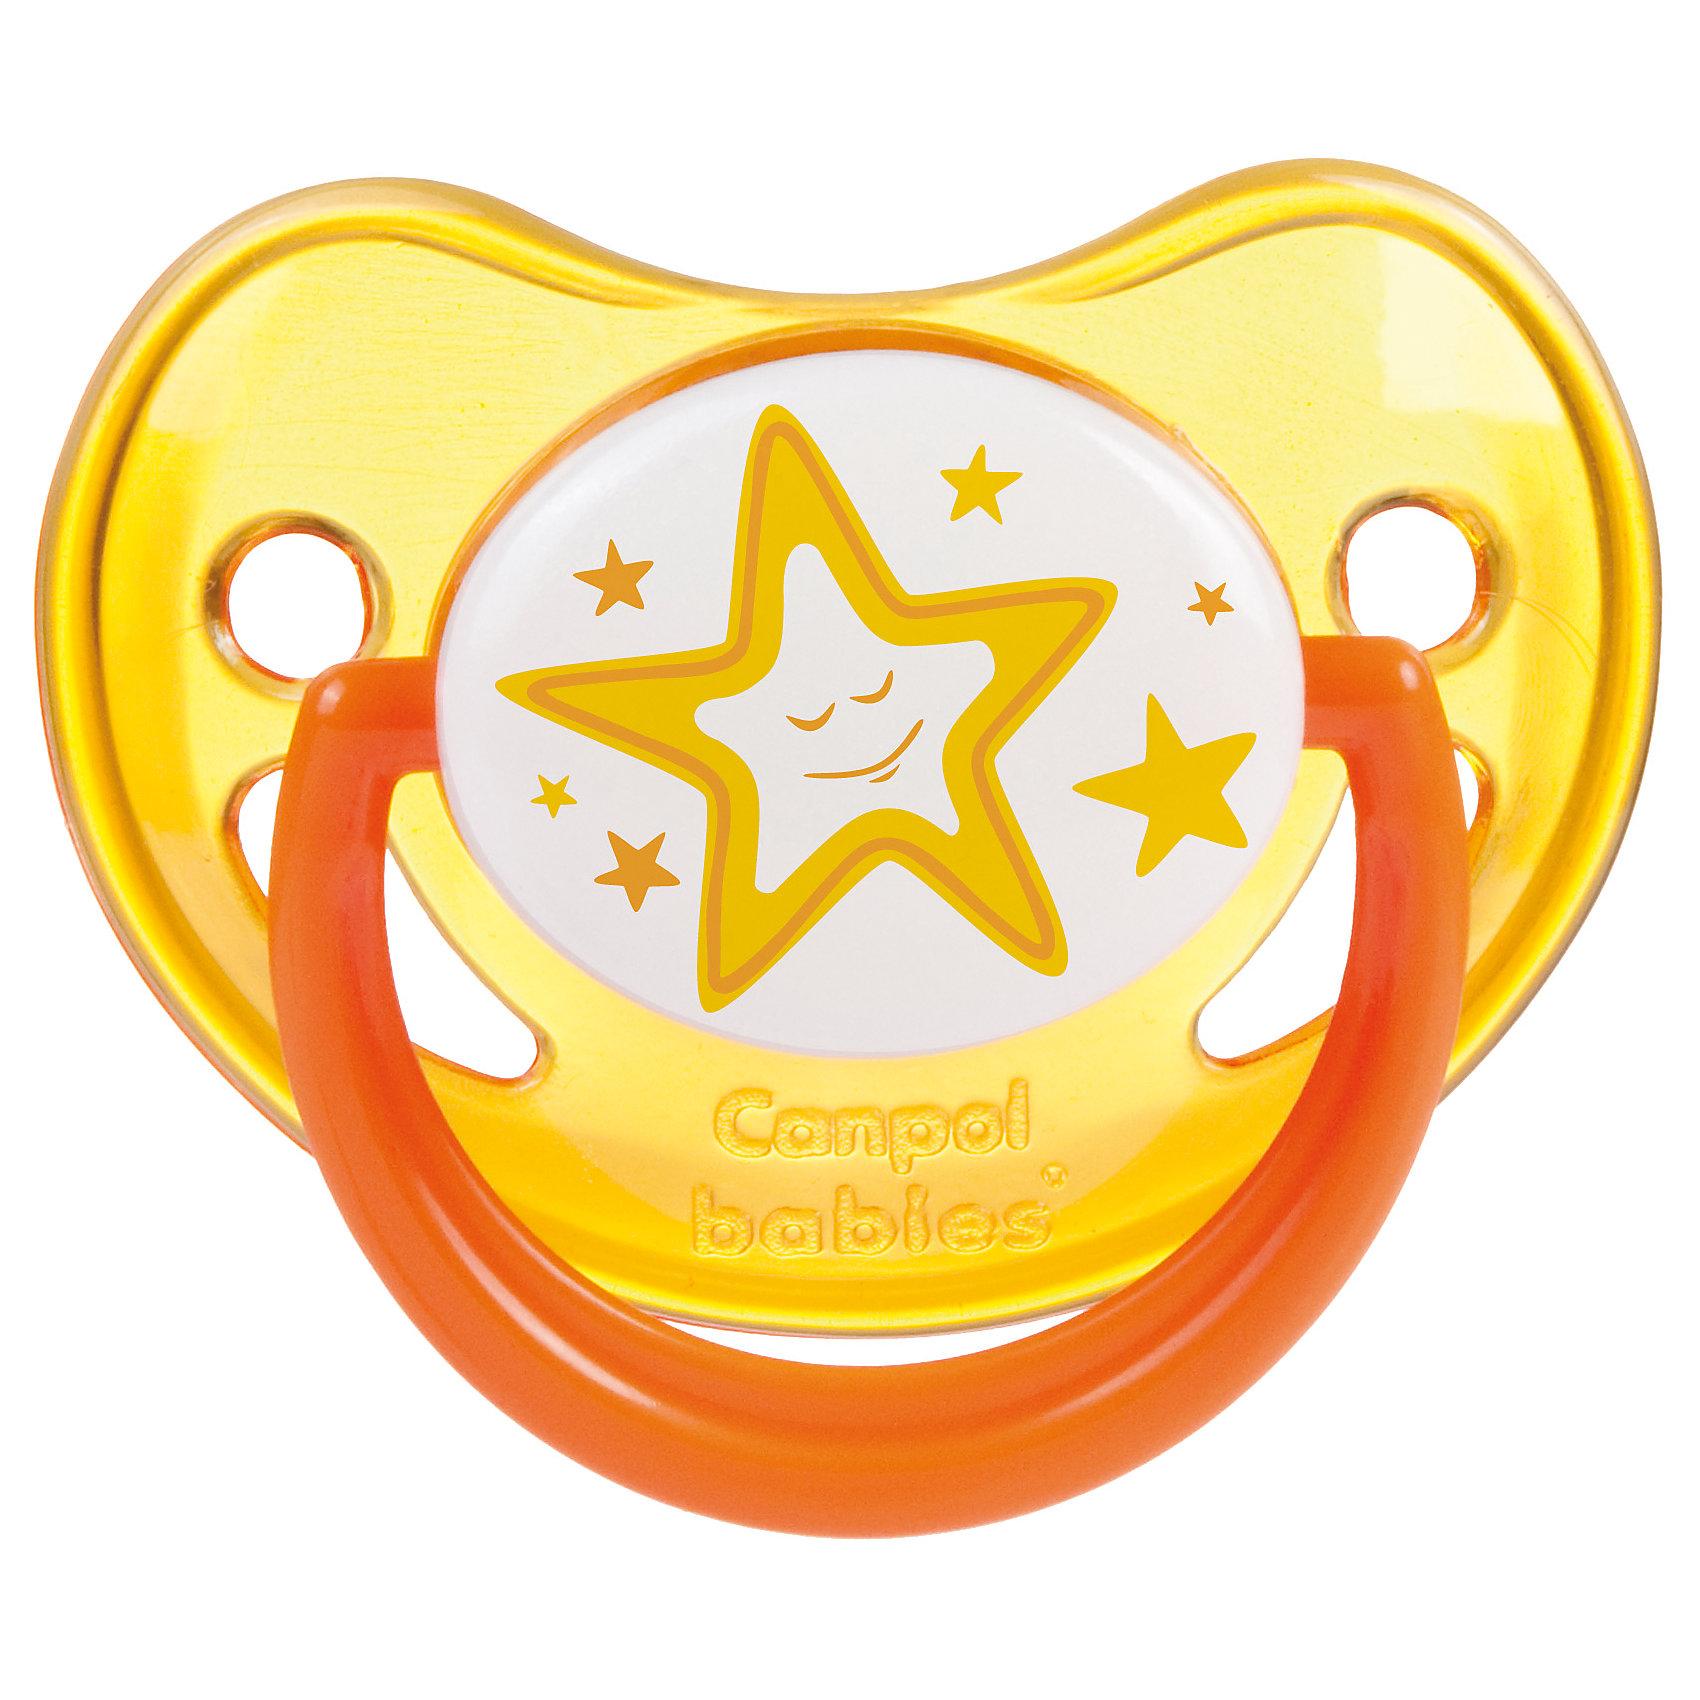 Пустышка анатомическая силиконовая, 0-6 Night Dreams, Canpol Babies, желтыйХарактеристики:<br><br>• Наименование: пустышка<br>• Пол: универсальный<br>• Материал: силикон, пластик<br>• Цвет: желтый, белый<br>• Форма: анатомическая<br>• Наличие отверстий для вентиляции<br>• Наличие кольца для держателя<br>• Особенности ухода: регулярная стерилизация и своевременная замена<br><br>Пустышка анатомическая силиконовая, 0-6 Night Dreams, Canpol Babies, желтый имеет специальную форму, которая обеспечивает правильное давление на небо. Изготовлена из запатентованного вида силикона, который не имеет запаха. При правильном уходе обеспечивает длительное использование. У соски имеется классический ограничитель с отверстиями для вентиляции и кольцо для держателя, которое светится в темноте. Пустышка анатомическая силиконовая, 0-6 Night Dreams, Canpol Babies, желтый выполнена в ярком дизайне с изображением звезд.<br><br>Пустышку анатомическую силиконовую, 0-6 Night Dreams, Canpol Babies, желтую можно купить в нашем интернет-магазине.<br><br>Ширина мм: 95<br>Глубина мм: 45<br>Высота мм: 155<br>Вес г: 110<br>Возраст от месяцев: 0<br>Возраст до месяцев: 6<br>Пол: Унисекс<br>Возраст: Детский<br>SKU: 5156610